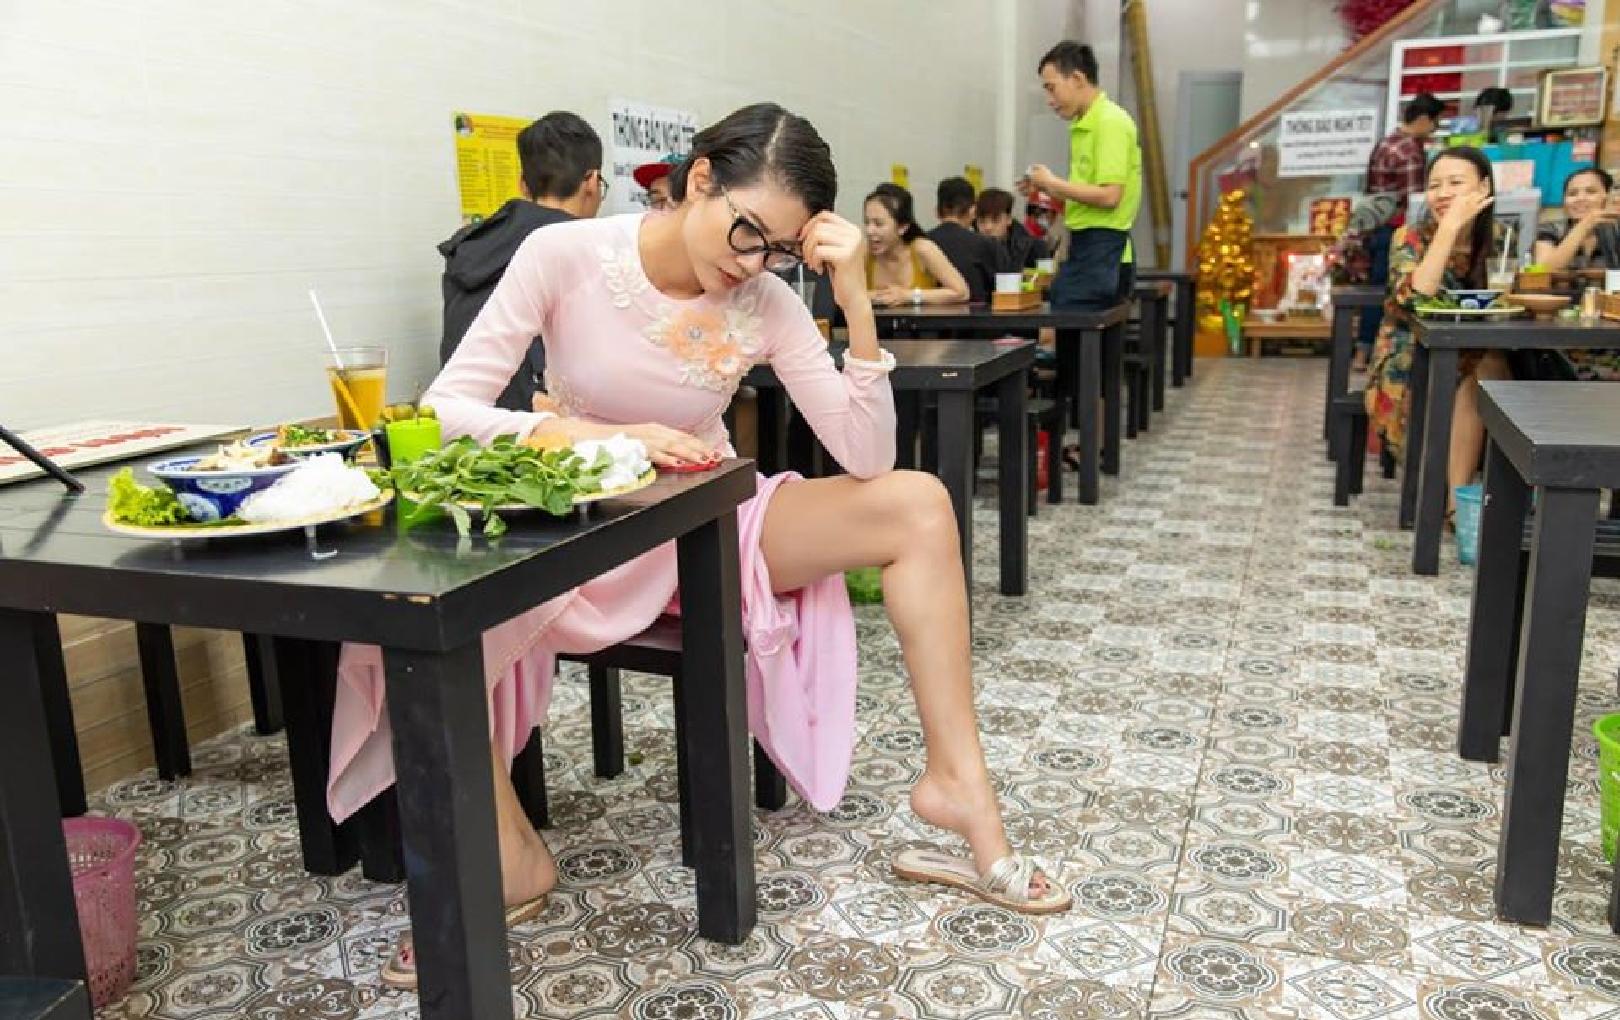 Lao đao giữa mùa dịch Covid-19: Cựu người mẫu vay nóng 200 triệu để cầm cự nhà hàng, hot girl có tài sản 50 tỷ 'khốn đốn' vì cổ phiếu tụt dốc